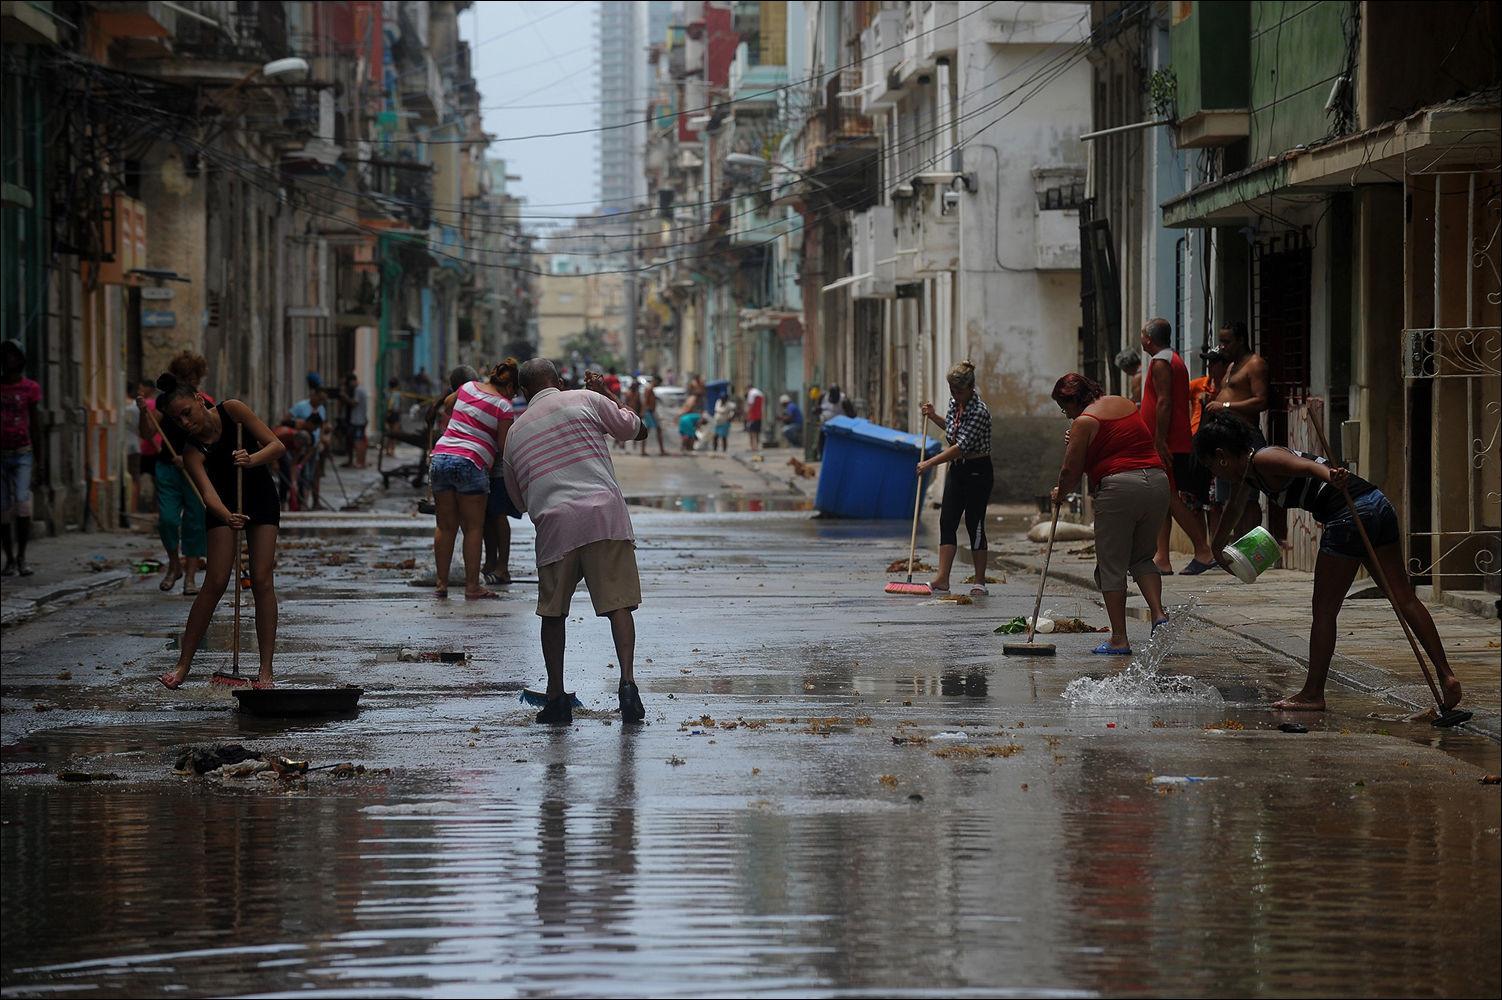 гостиницы, частные фото варадеро после урагана ирма фасада розовом цвете